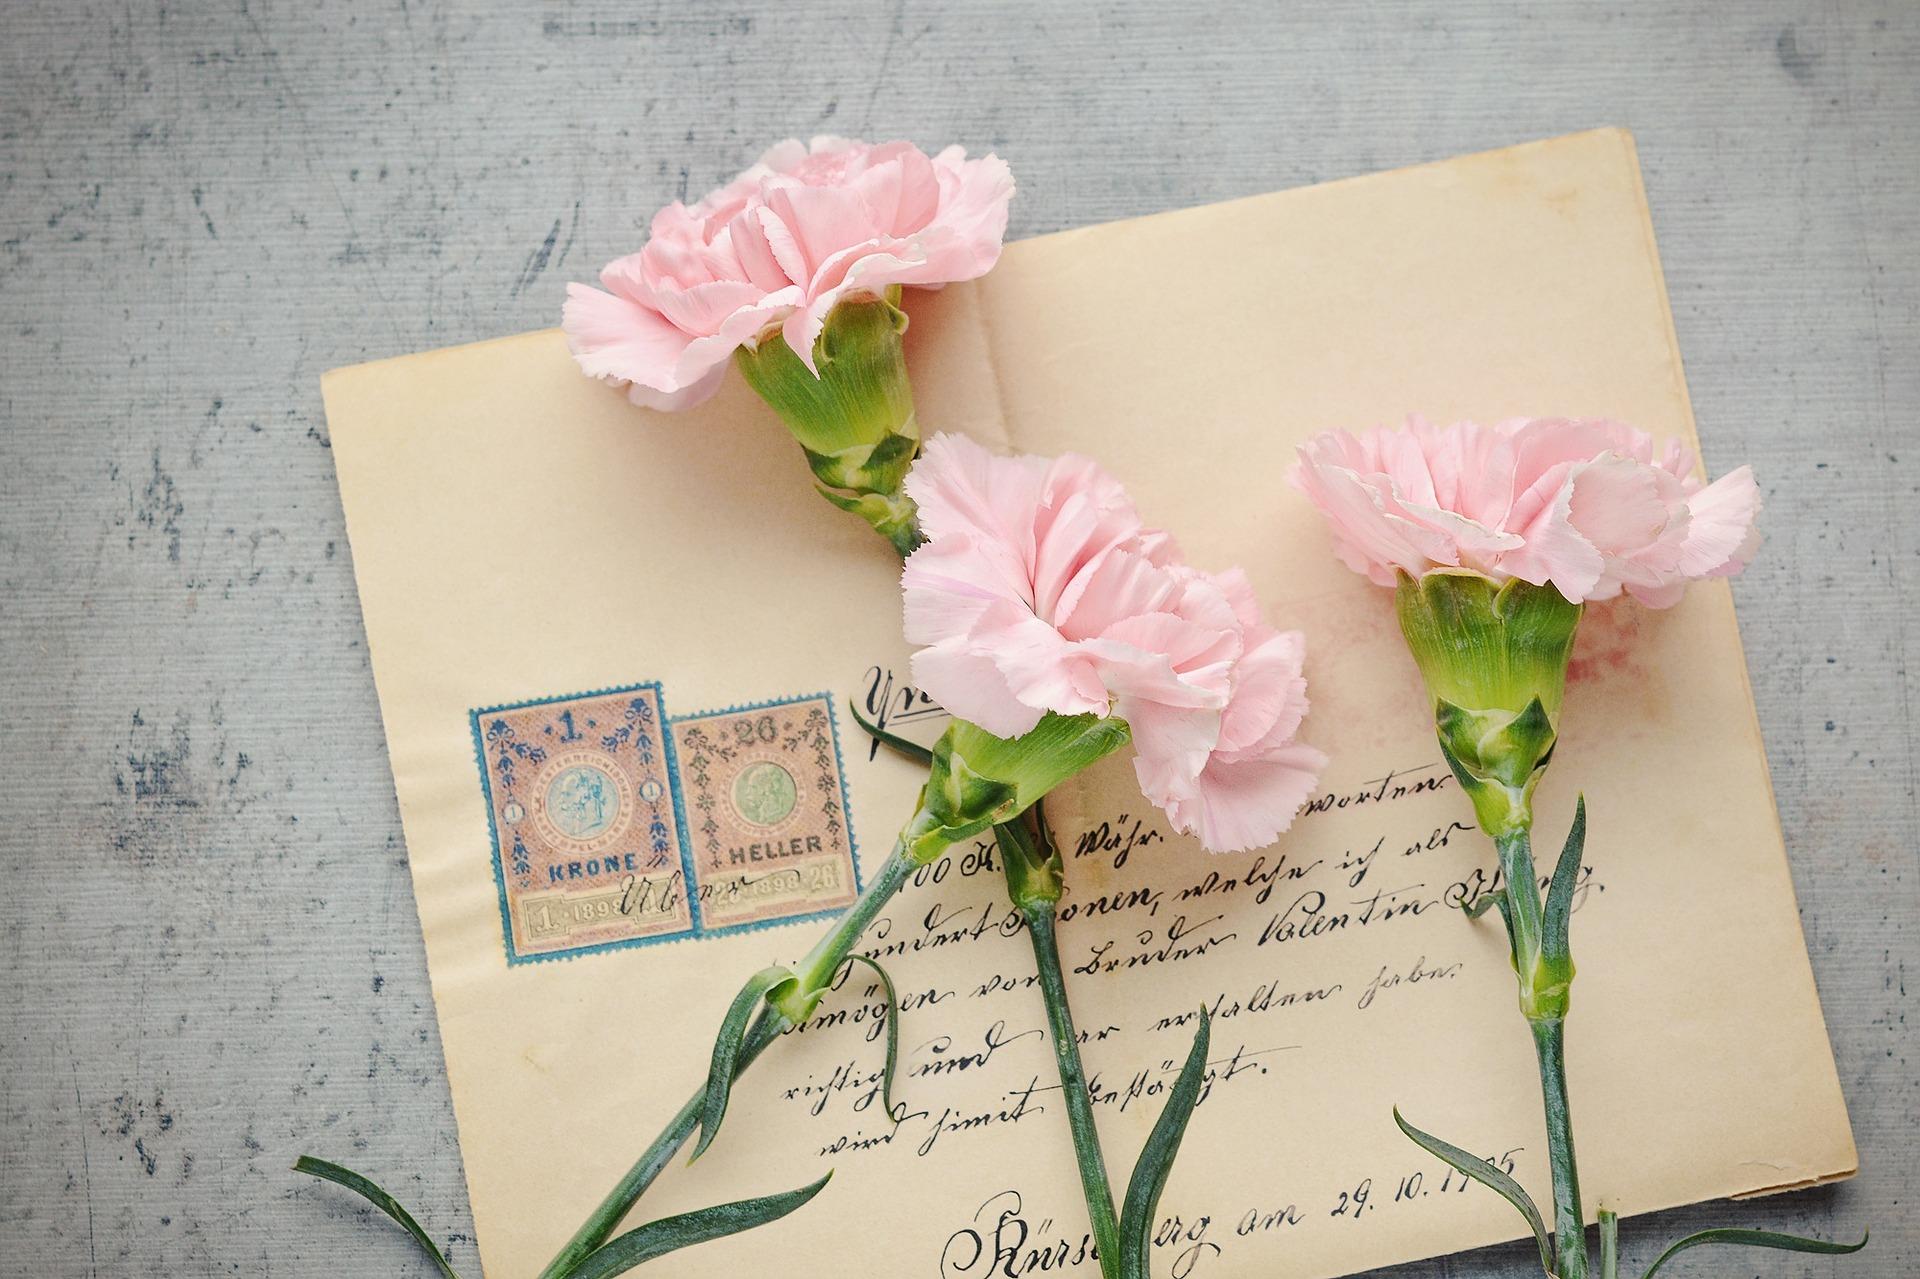 letters-1390463_1920.jpg